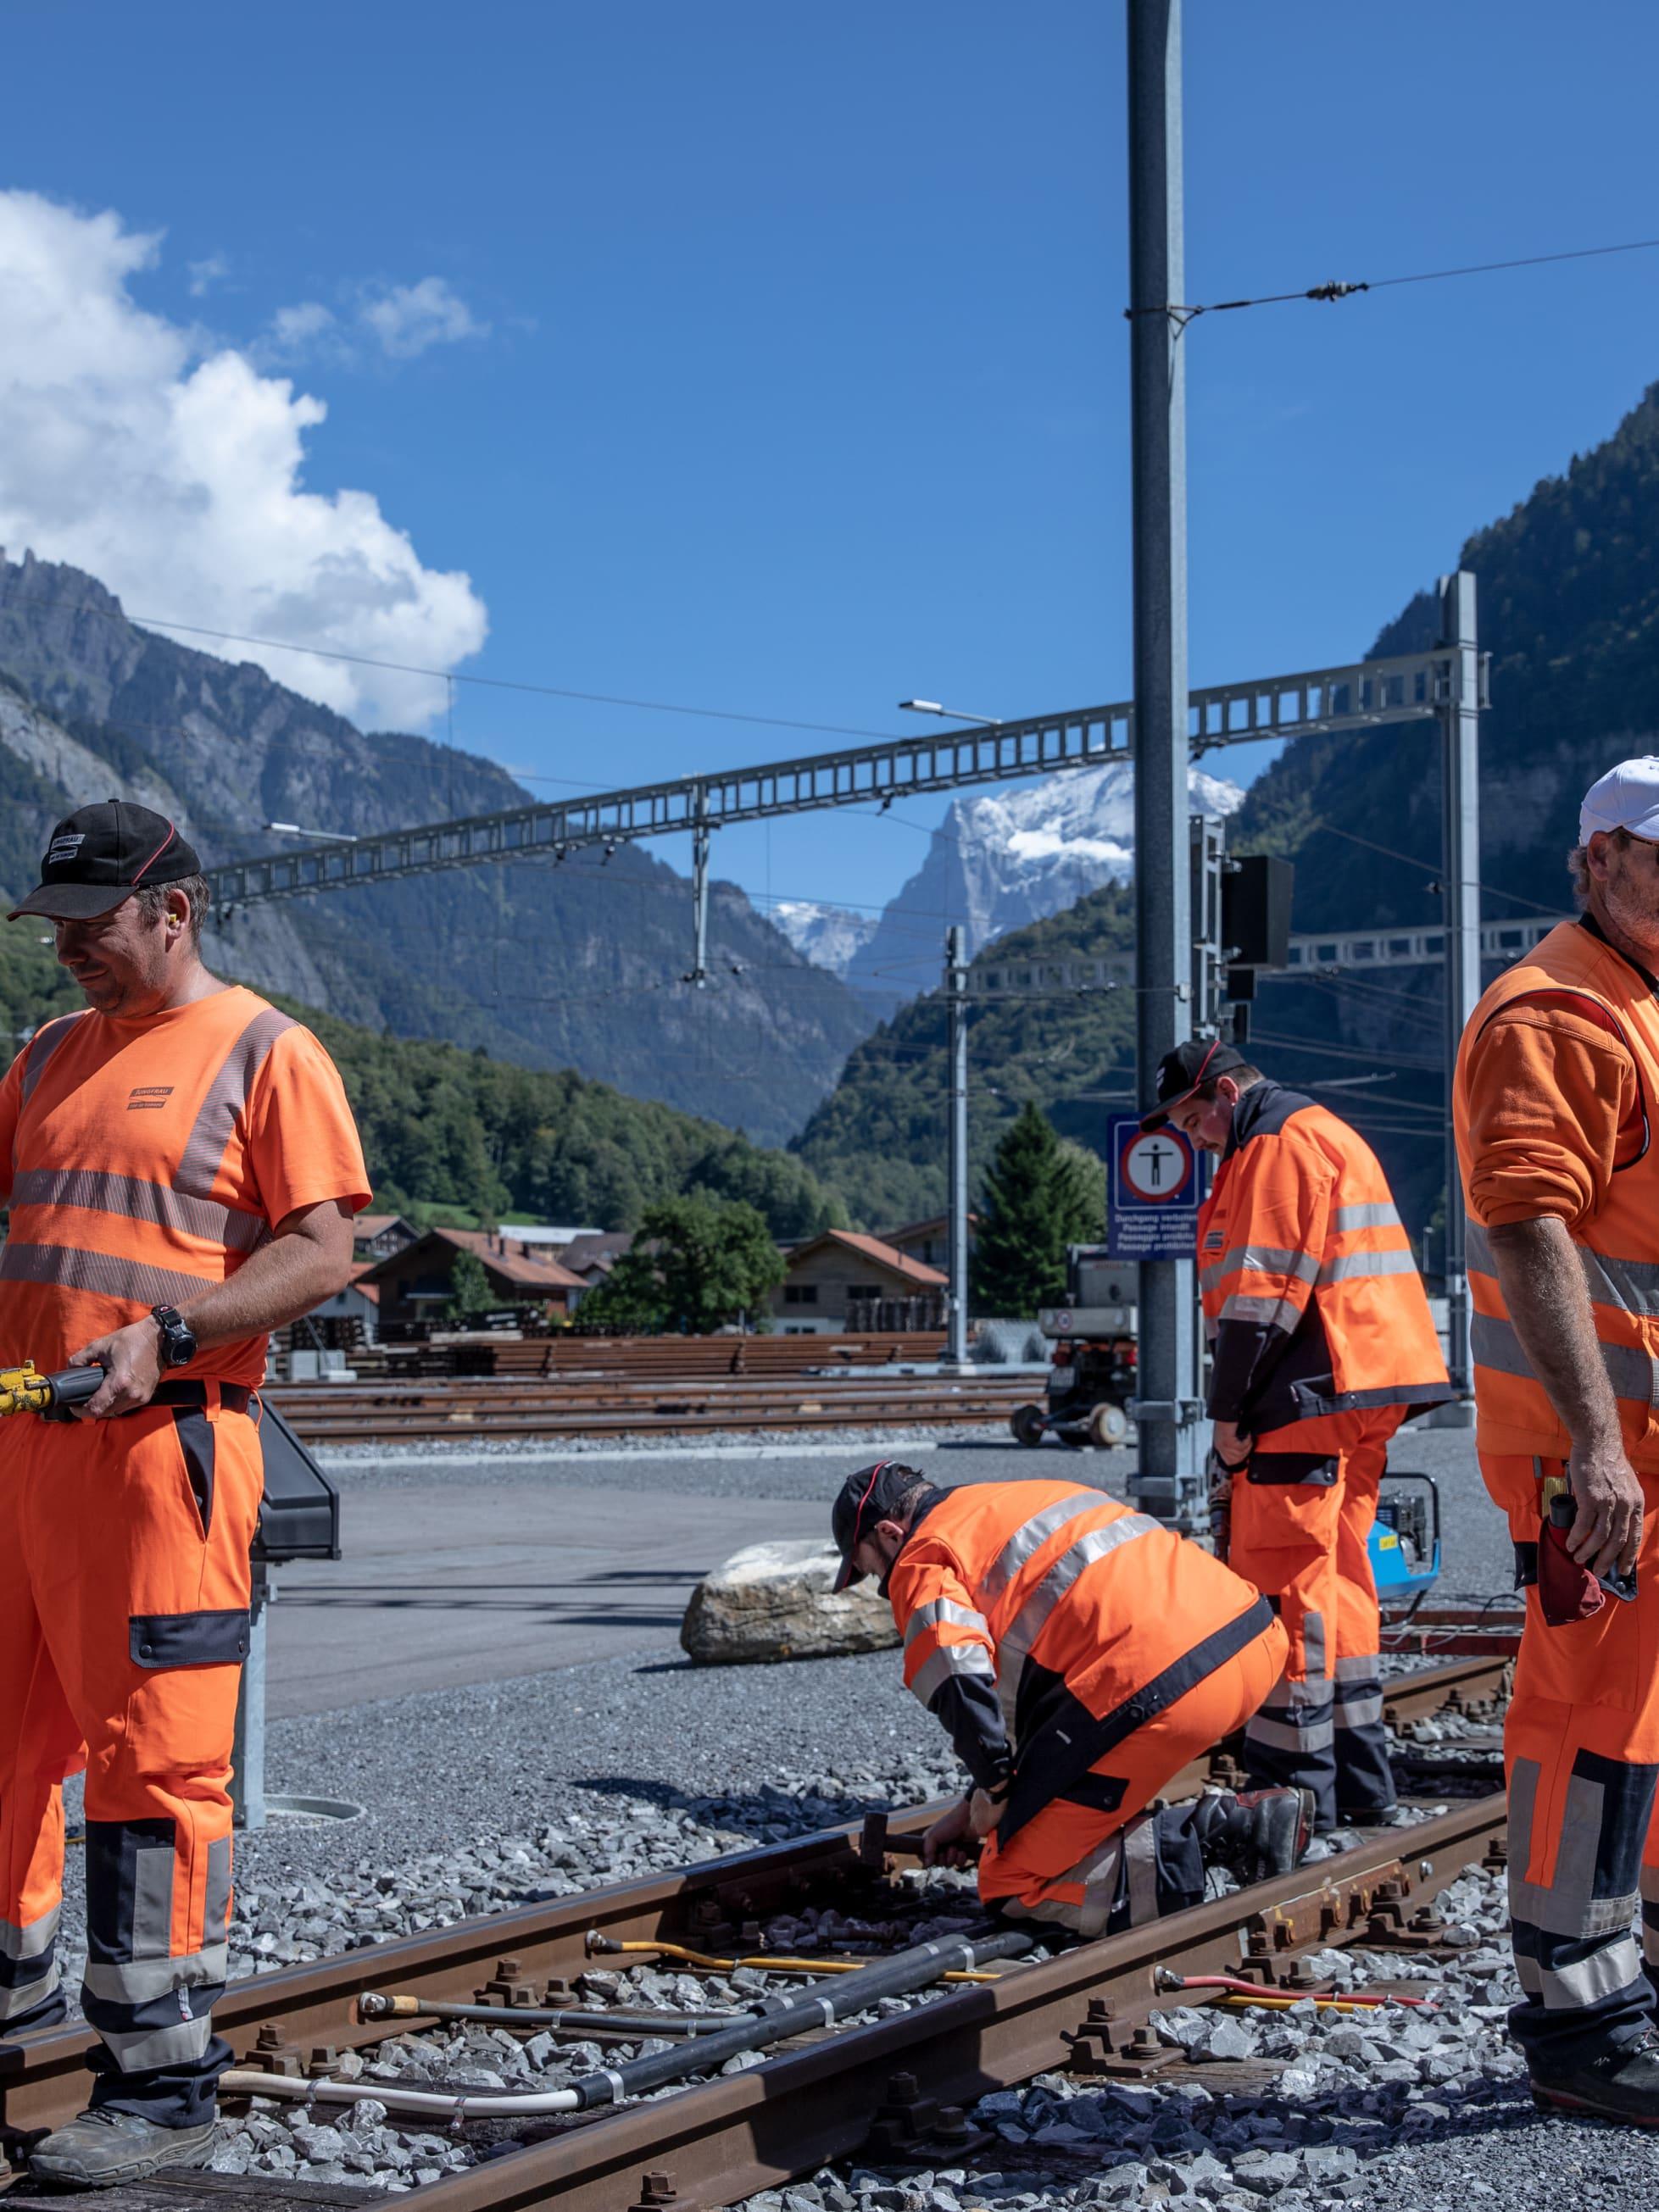 Gleisbauer Jungfraubahnen Streit Martin 1